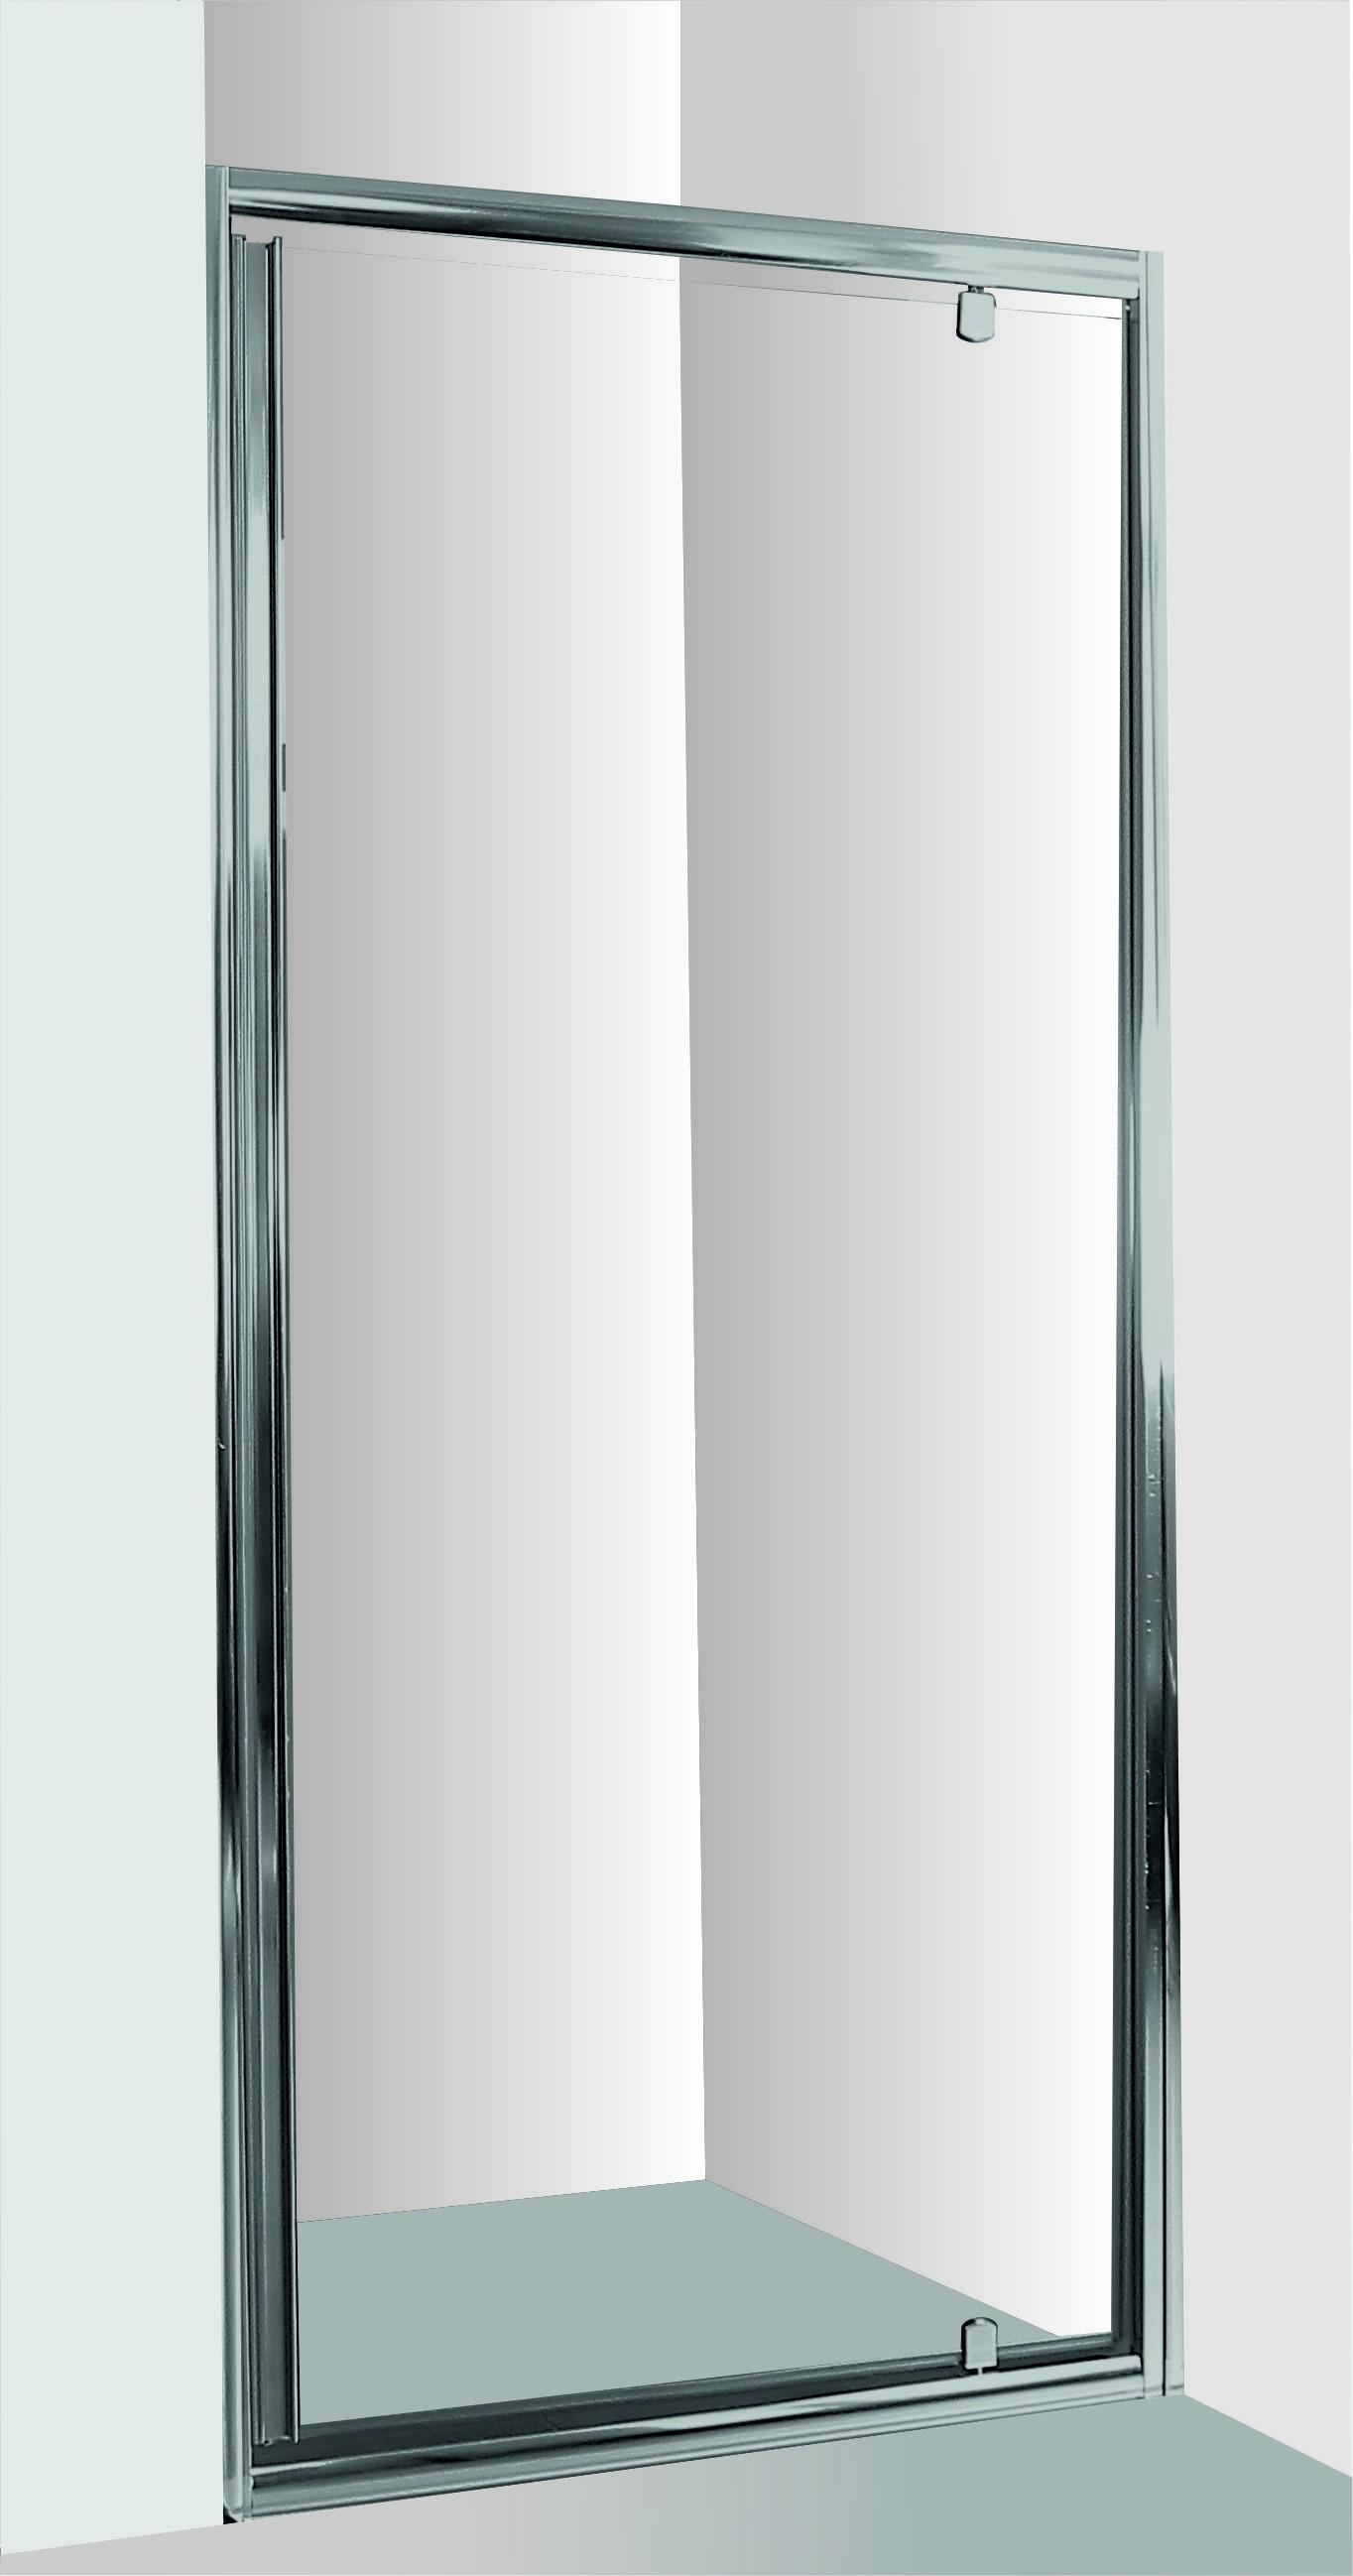 HOPA - Sprchové dveře do niky SMART - ALARO - Barva rámu zástěny - Hliník chrom, Provedení - Univerzální, Výplň - Čiré bezpečnostní sklo - 6 mm, Šíře - 90 cm (OLBALA90CCBV)